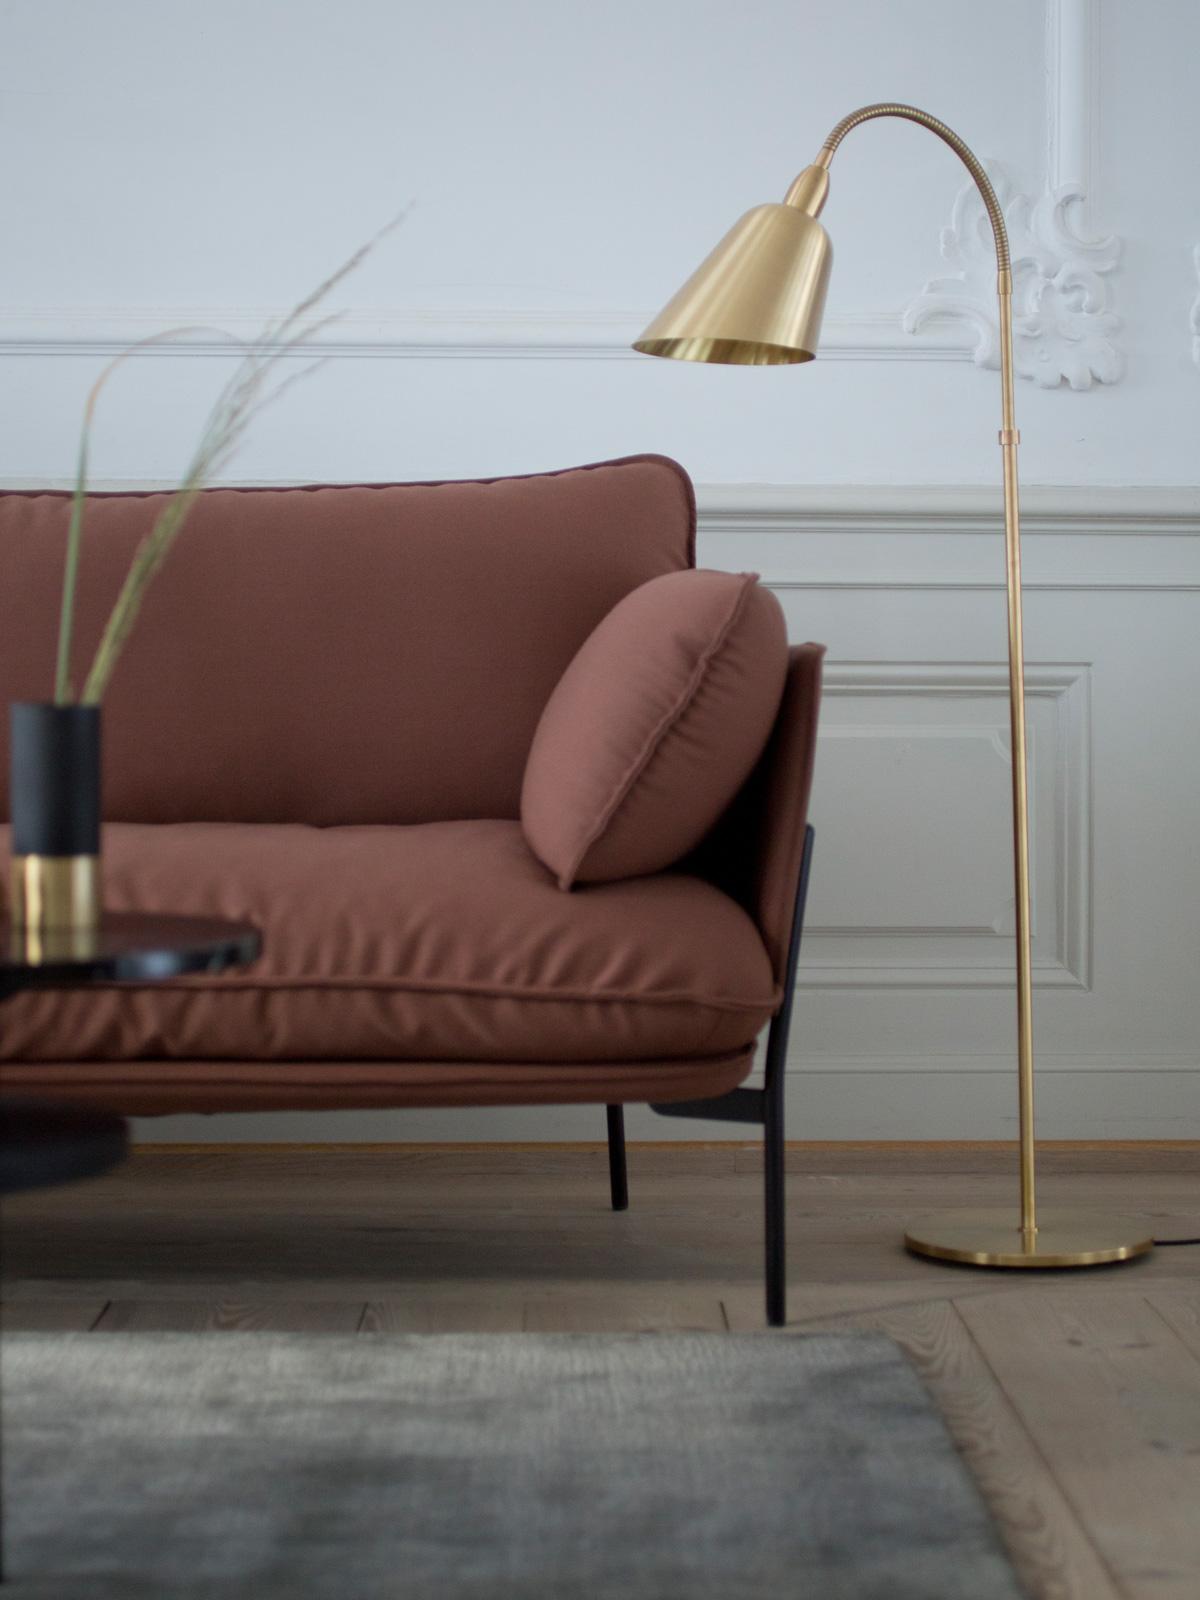 Bellevue AJ7 Stehleuchte &tradition DesignOrt Berlin Lampen Onlineshop